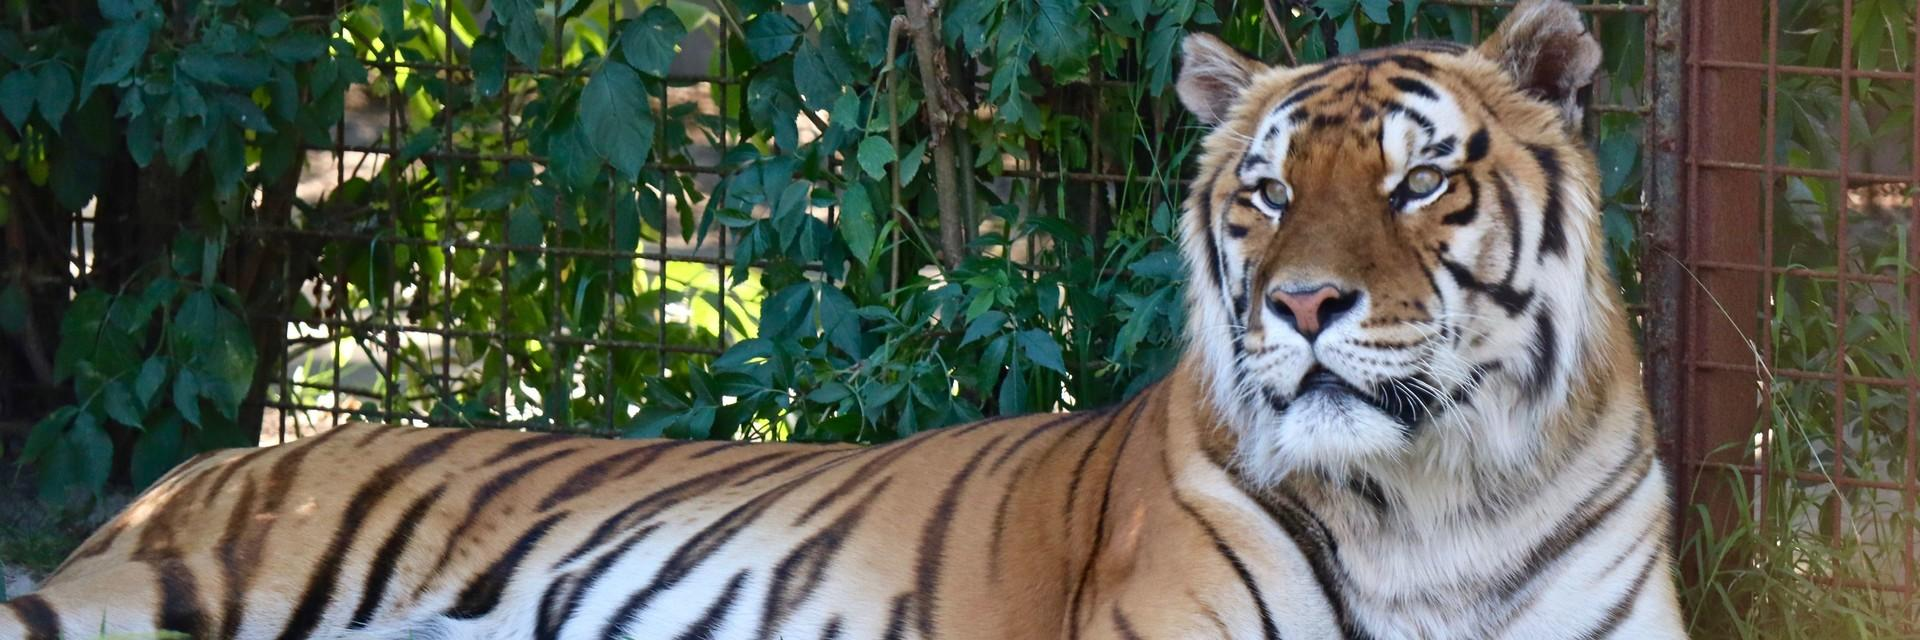 Tiger Caruso in 2018